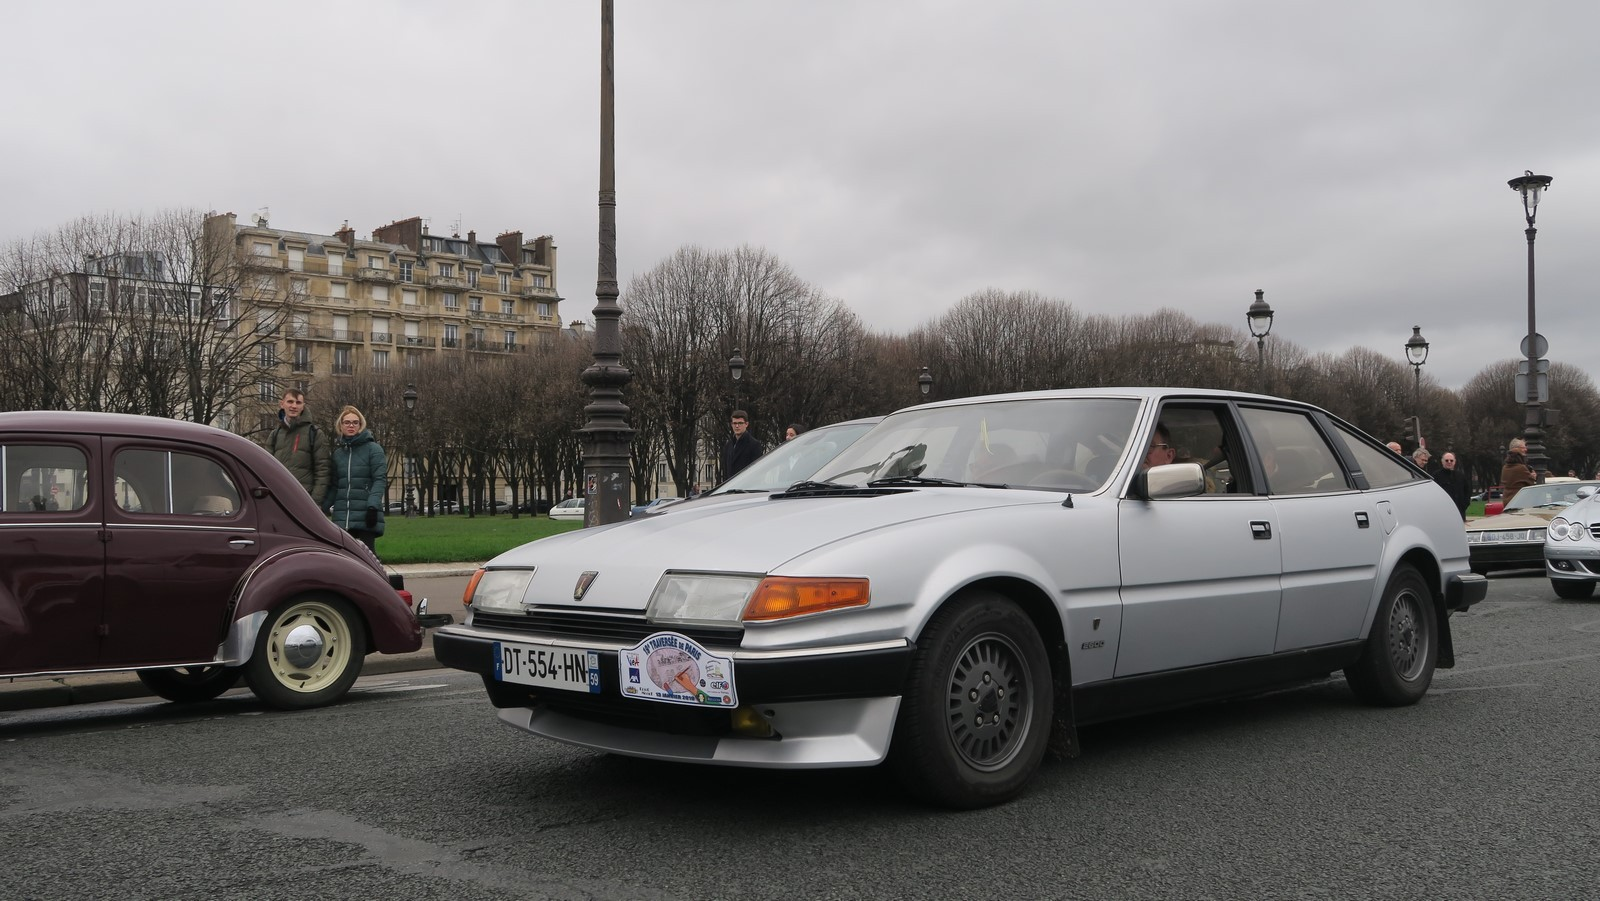 Traversee de Paris hivernale 2019 FM 88